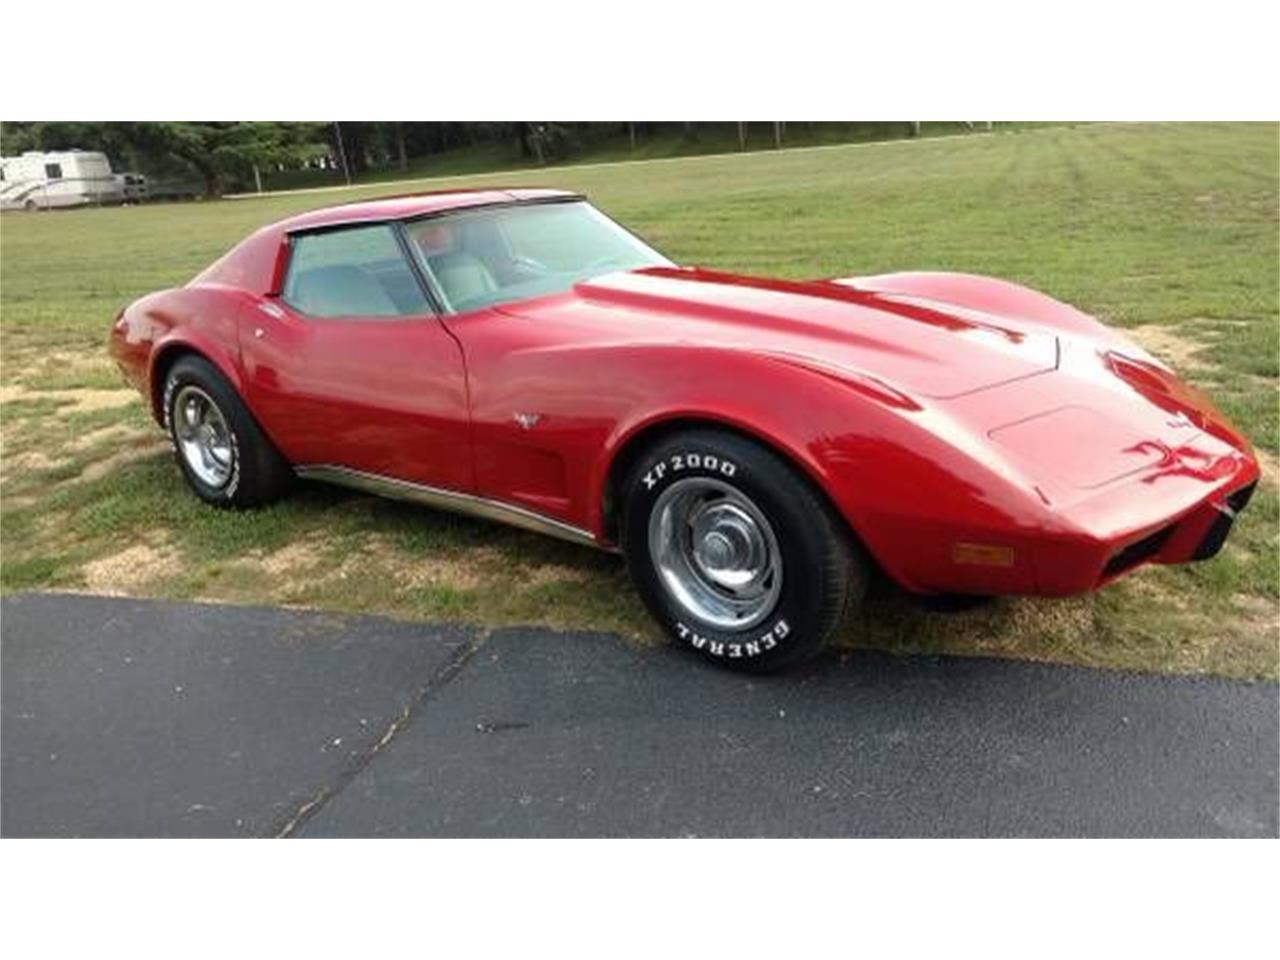 1977 Corvette For Sale >> For Sale 1977 Chevrolet Corvette In Cadillac Michigan